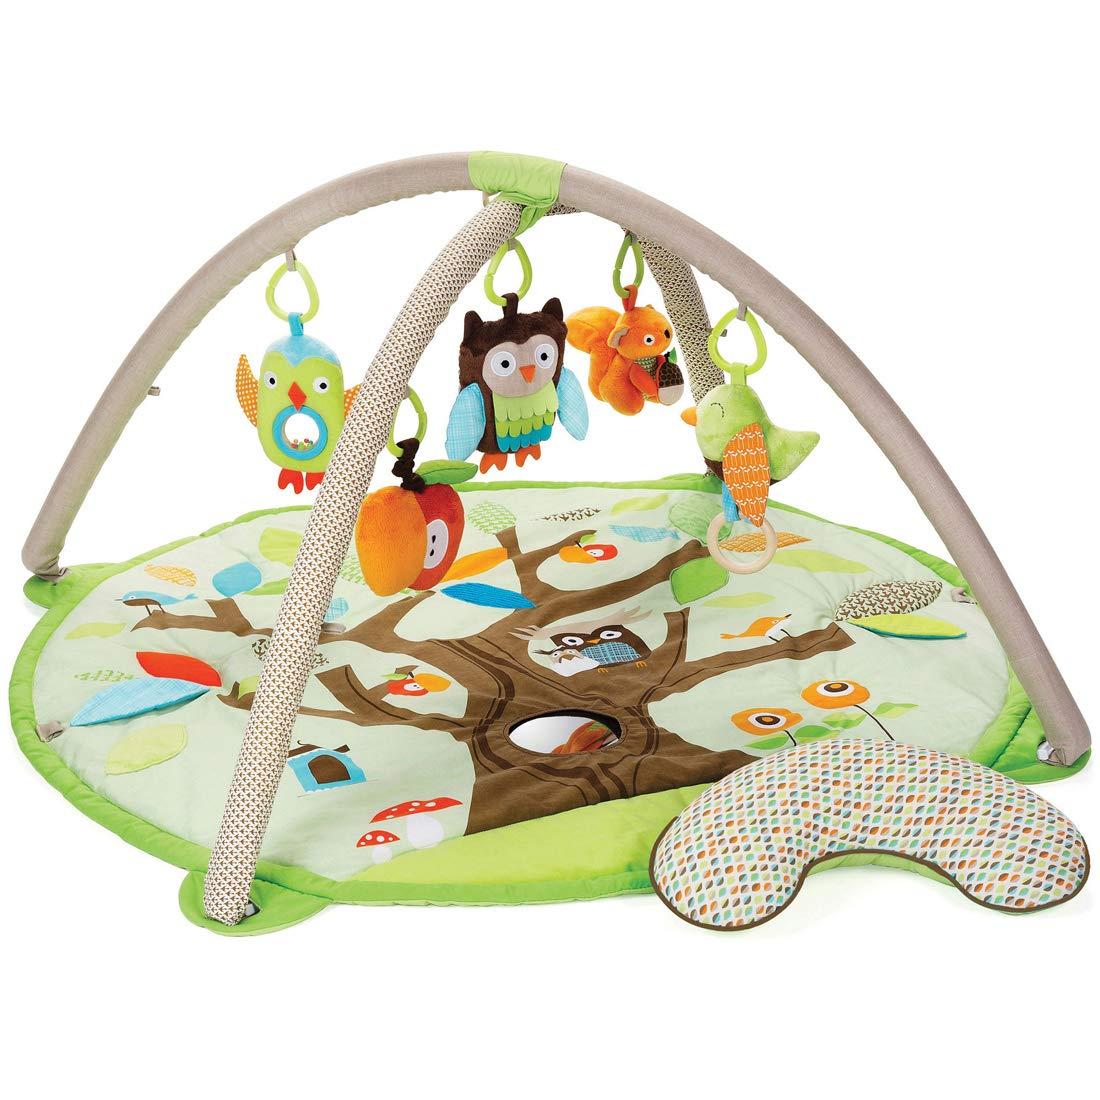 【海外輸入】 (スキップホップ) SKIP HOP ベビージム browngreen[307500] プレイマット プレイマット Treetop Friends Baby Gym Activity Gym (browngreen[307500]) B07PCM1CX9 browngreen[307500], キモツキグン:1acf4cb9 --- arianechie.dominiotemporario.com